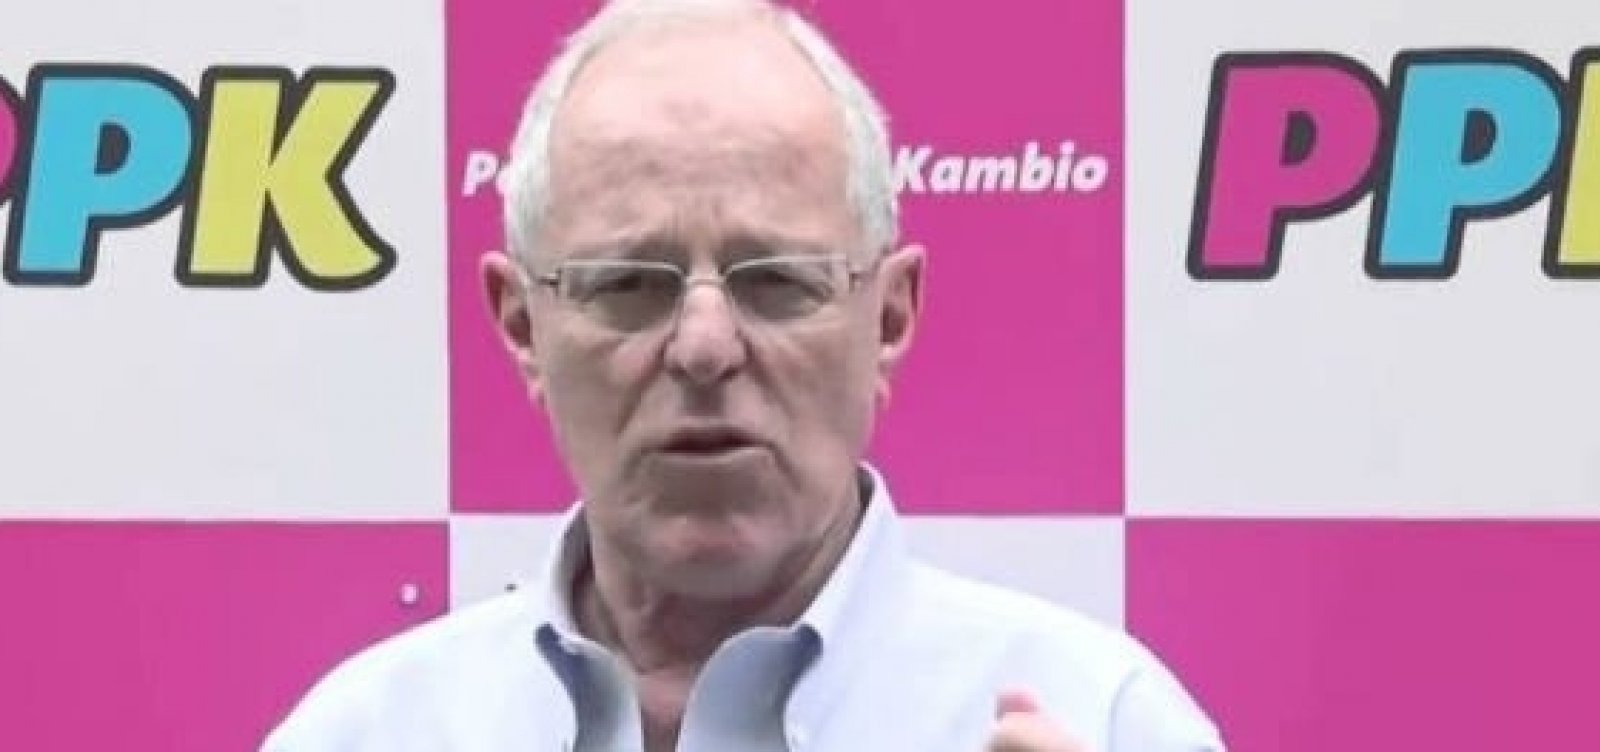 Preso há uma semana, PPK é hospitalizado no Peru